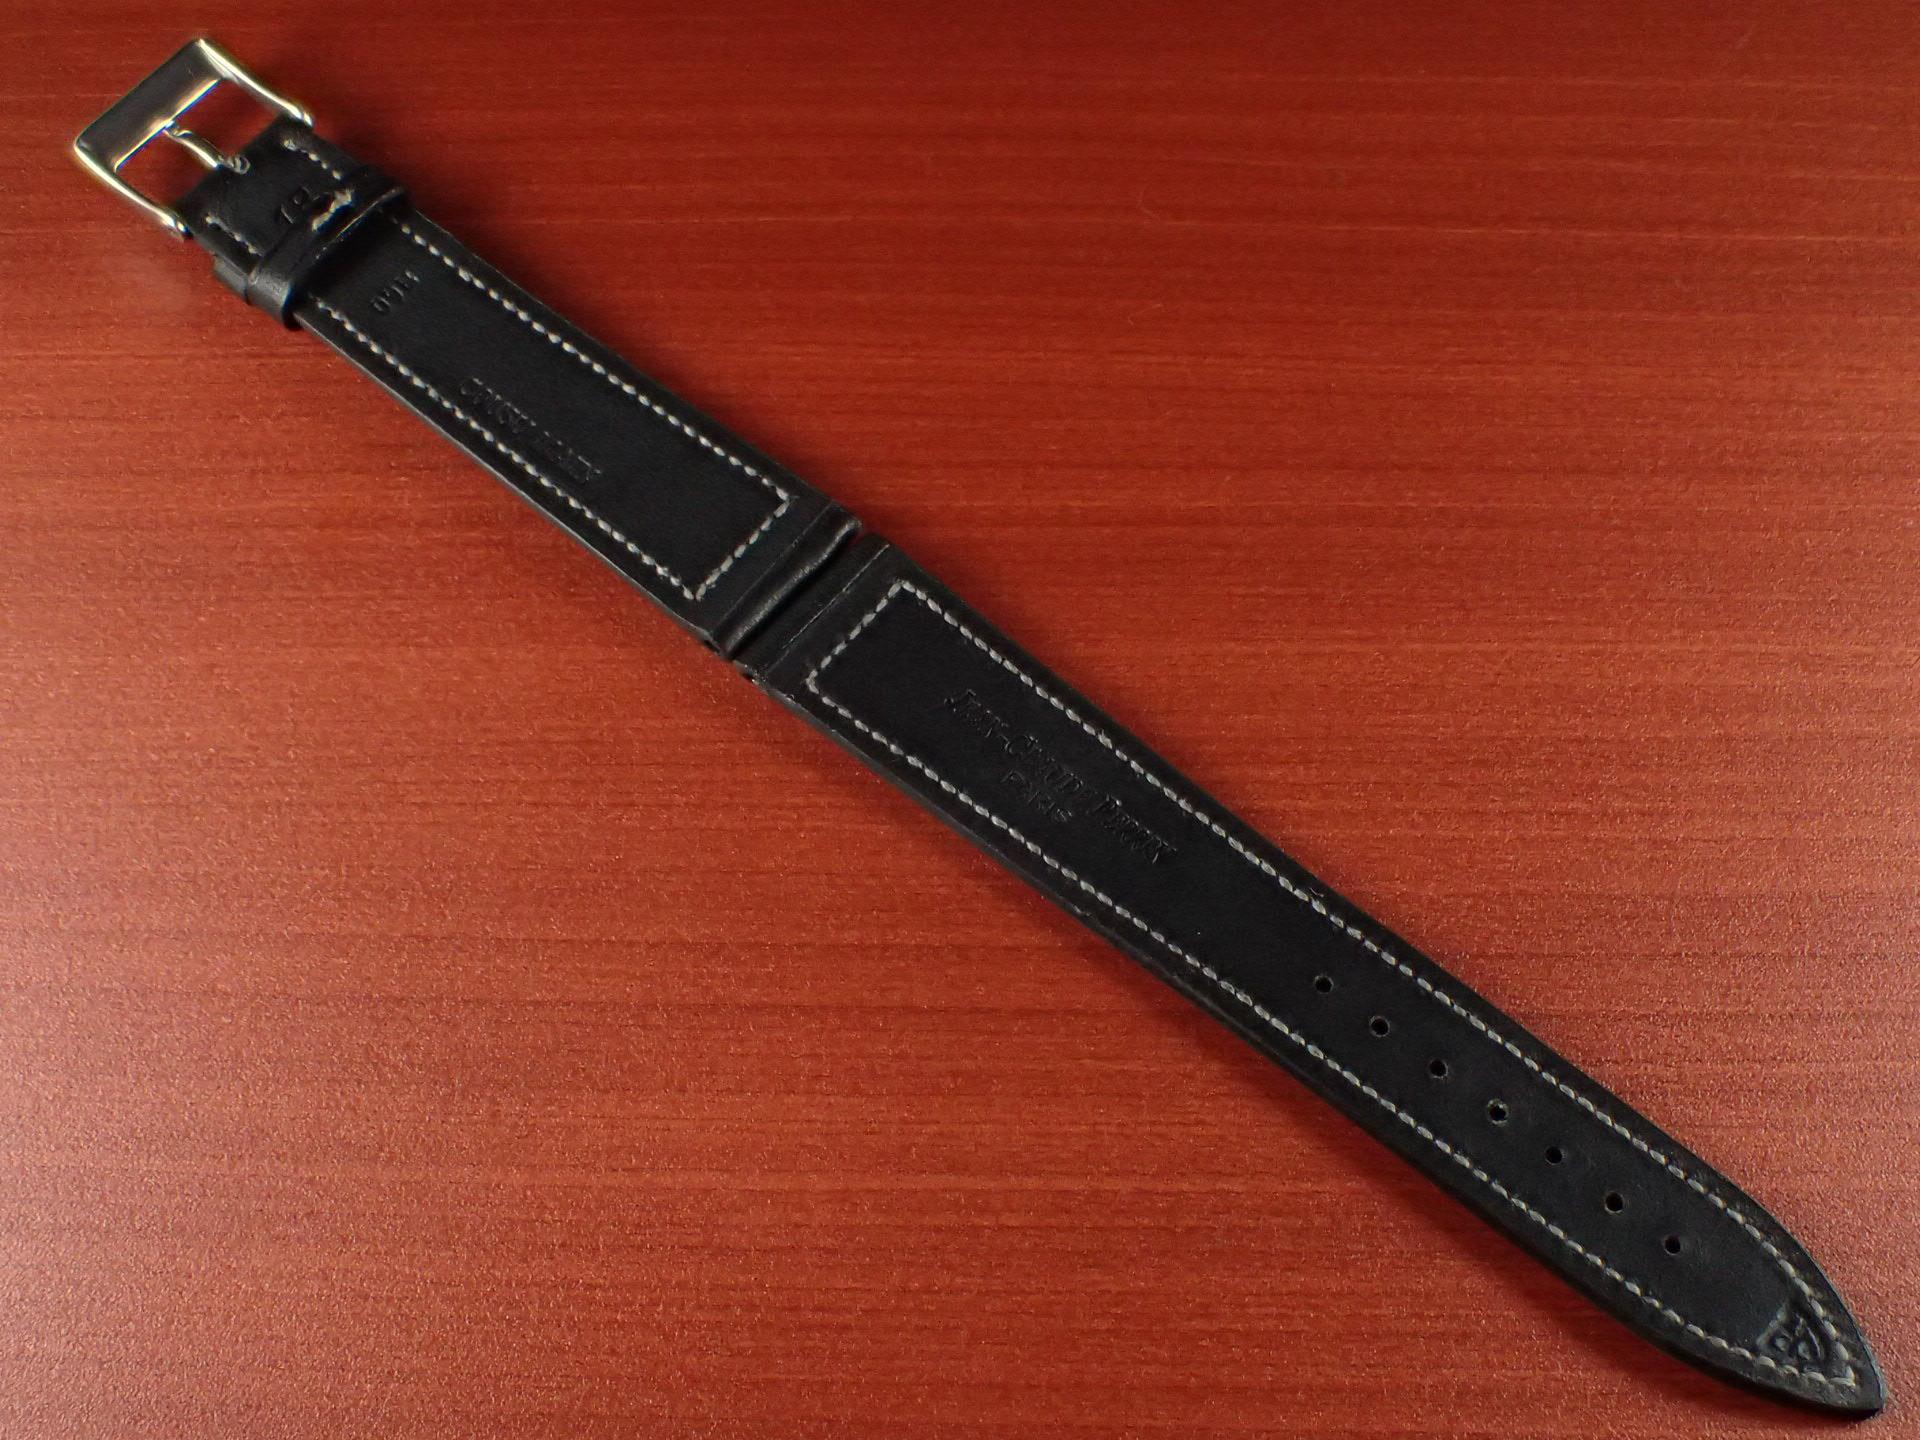 ジャン・クロード ペラン革ベルト カーフ ブラック 16、17、18、19、20mmの写真2枚目